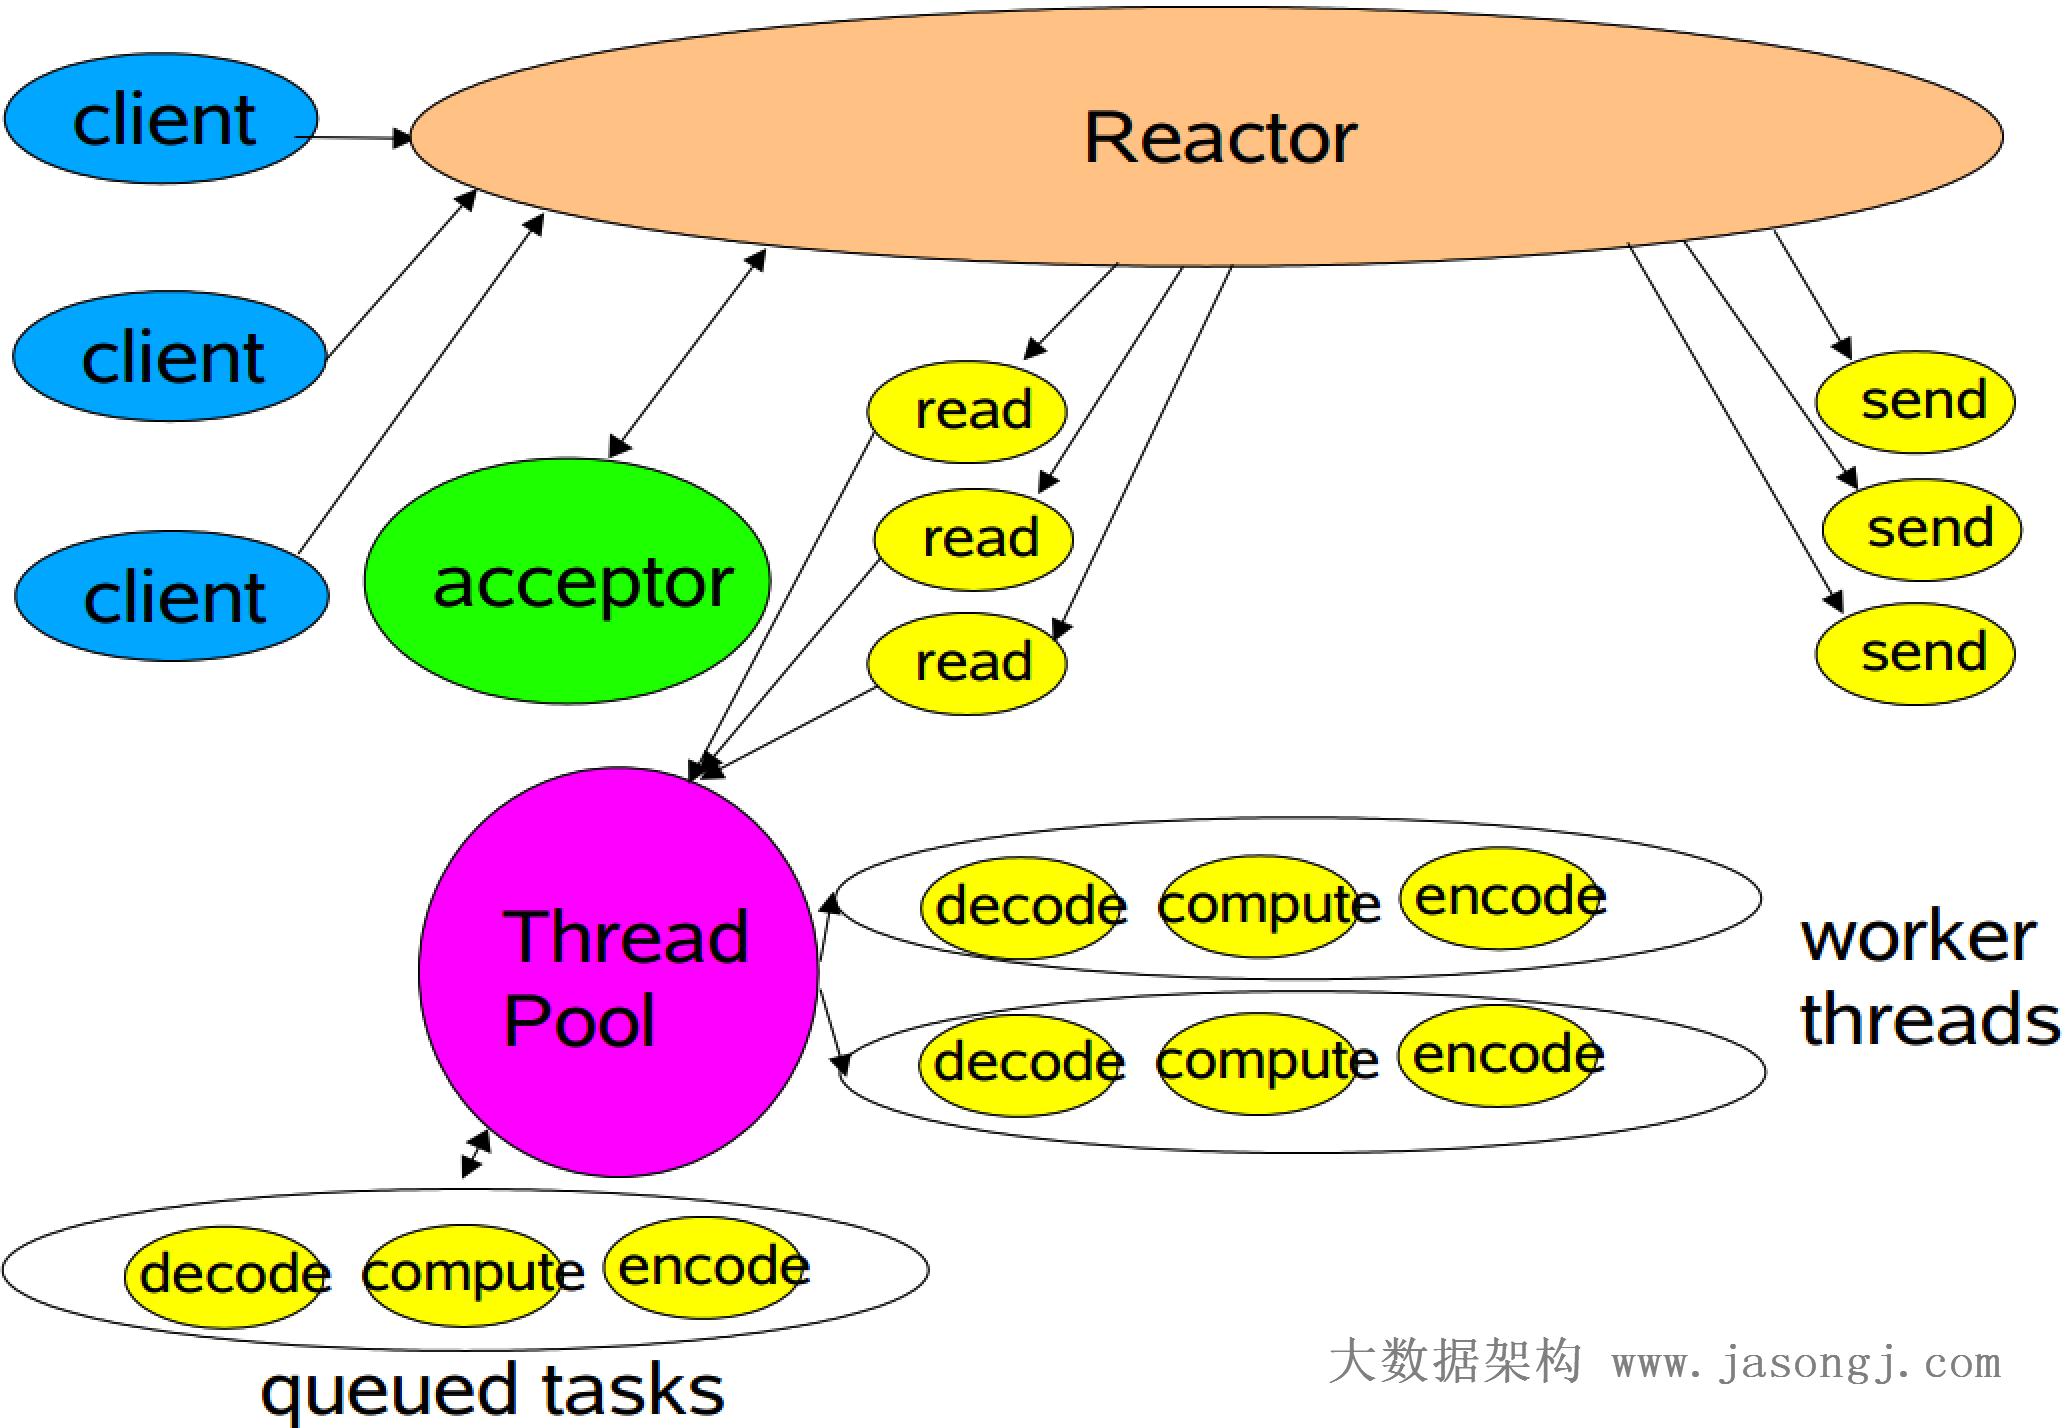 多线程 Reactor